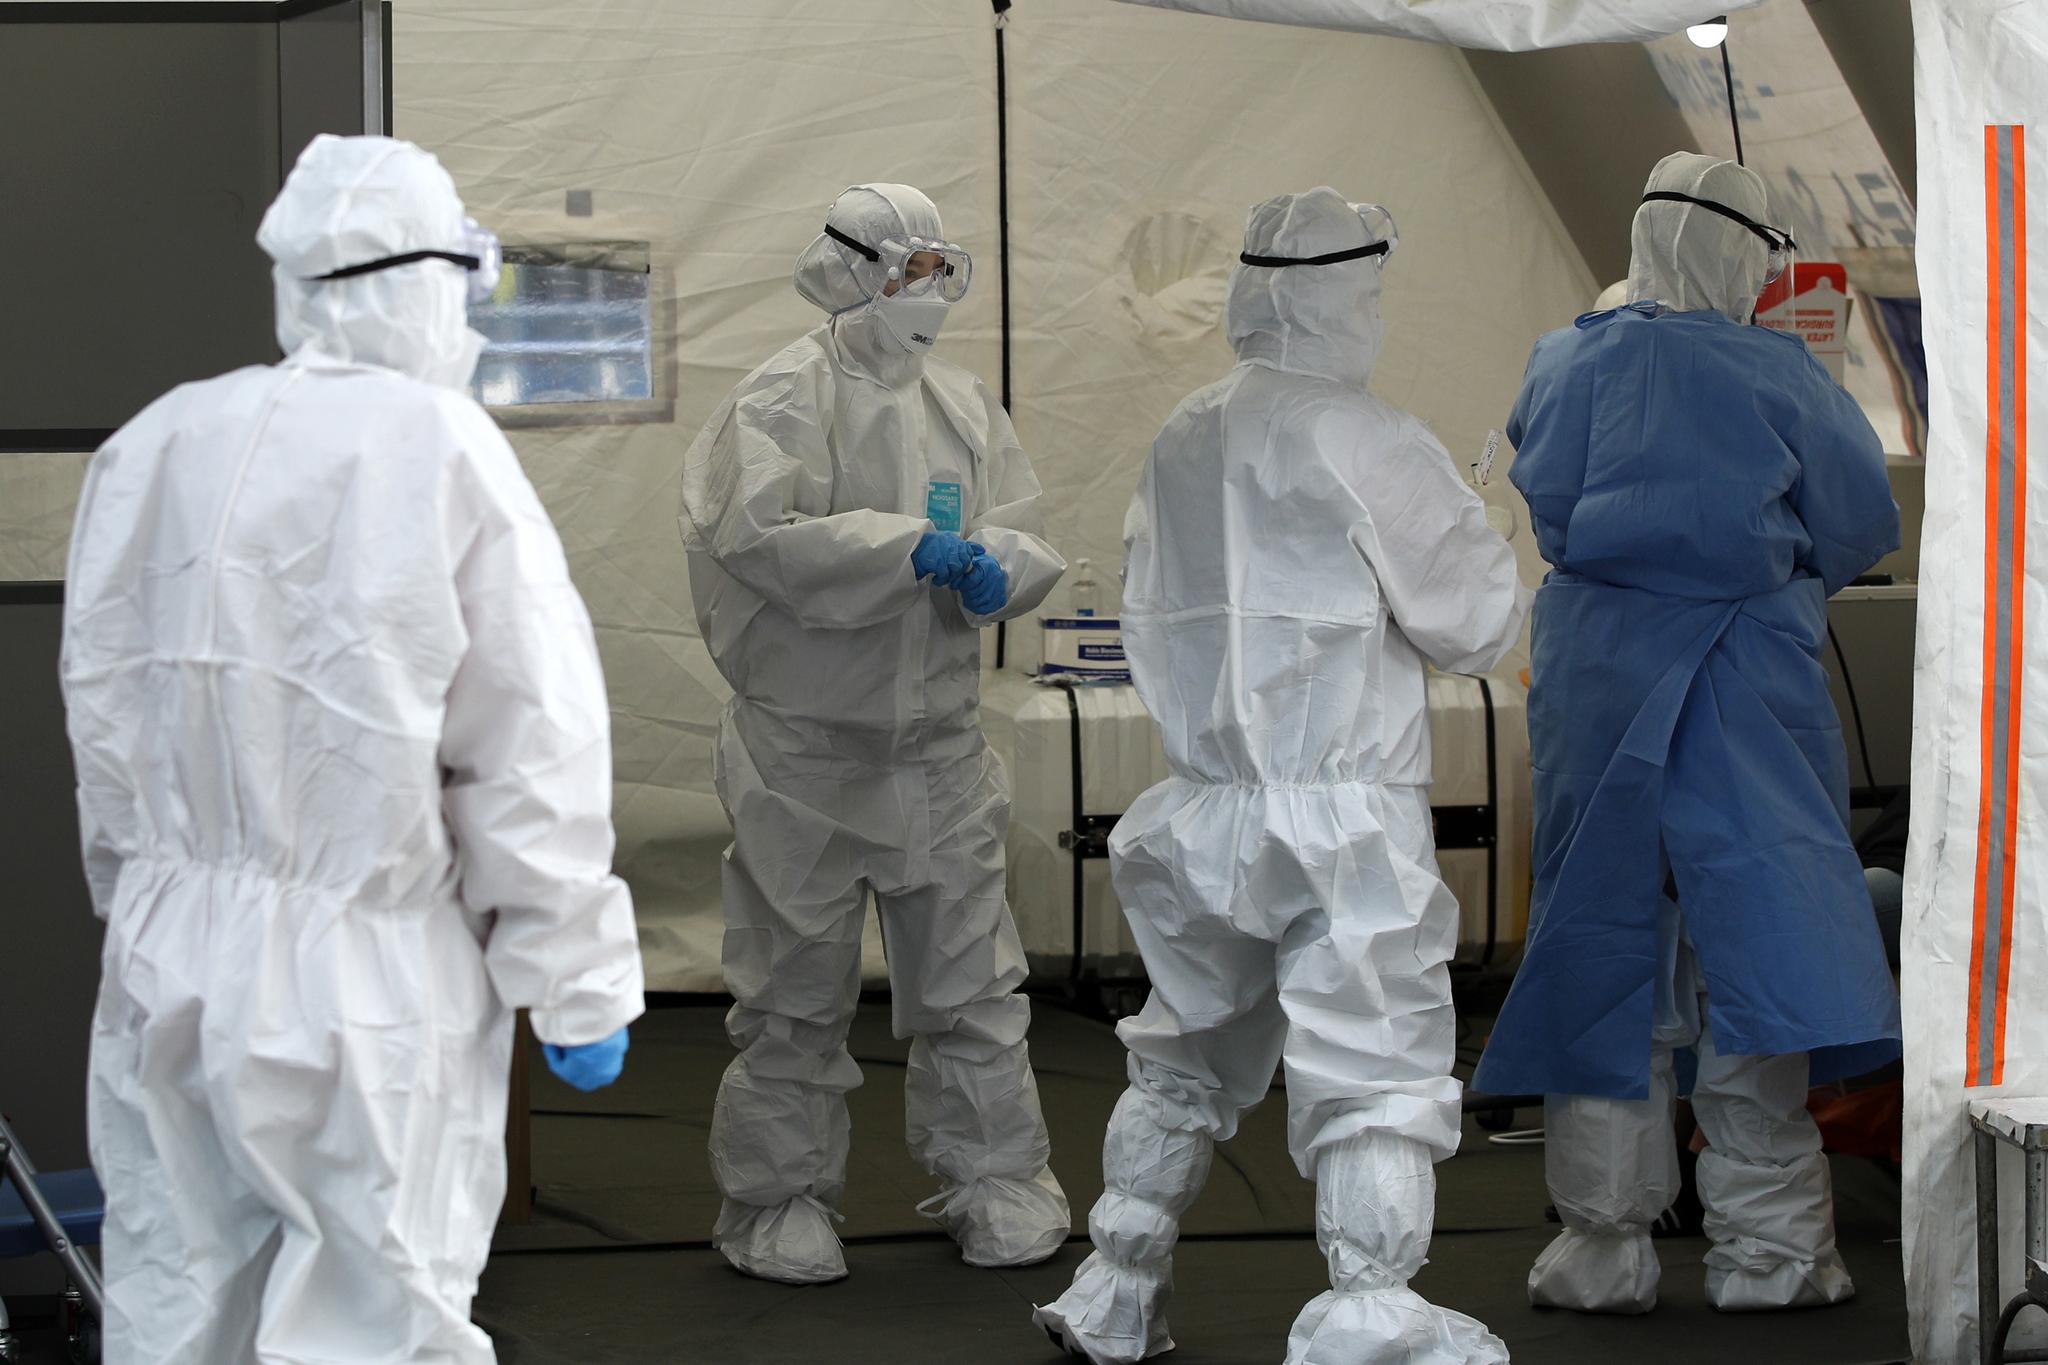 서울 용산구에서 신종 코로나 바이러스 감염증(코로나19) 확진자가 처음으로 발생한 5일 용산구청에 마련된 선별진료소에서 의료진이 분주히 움직이고 있다. 뉴스1